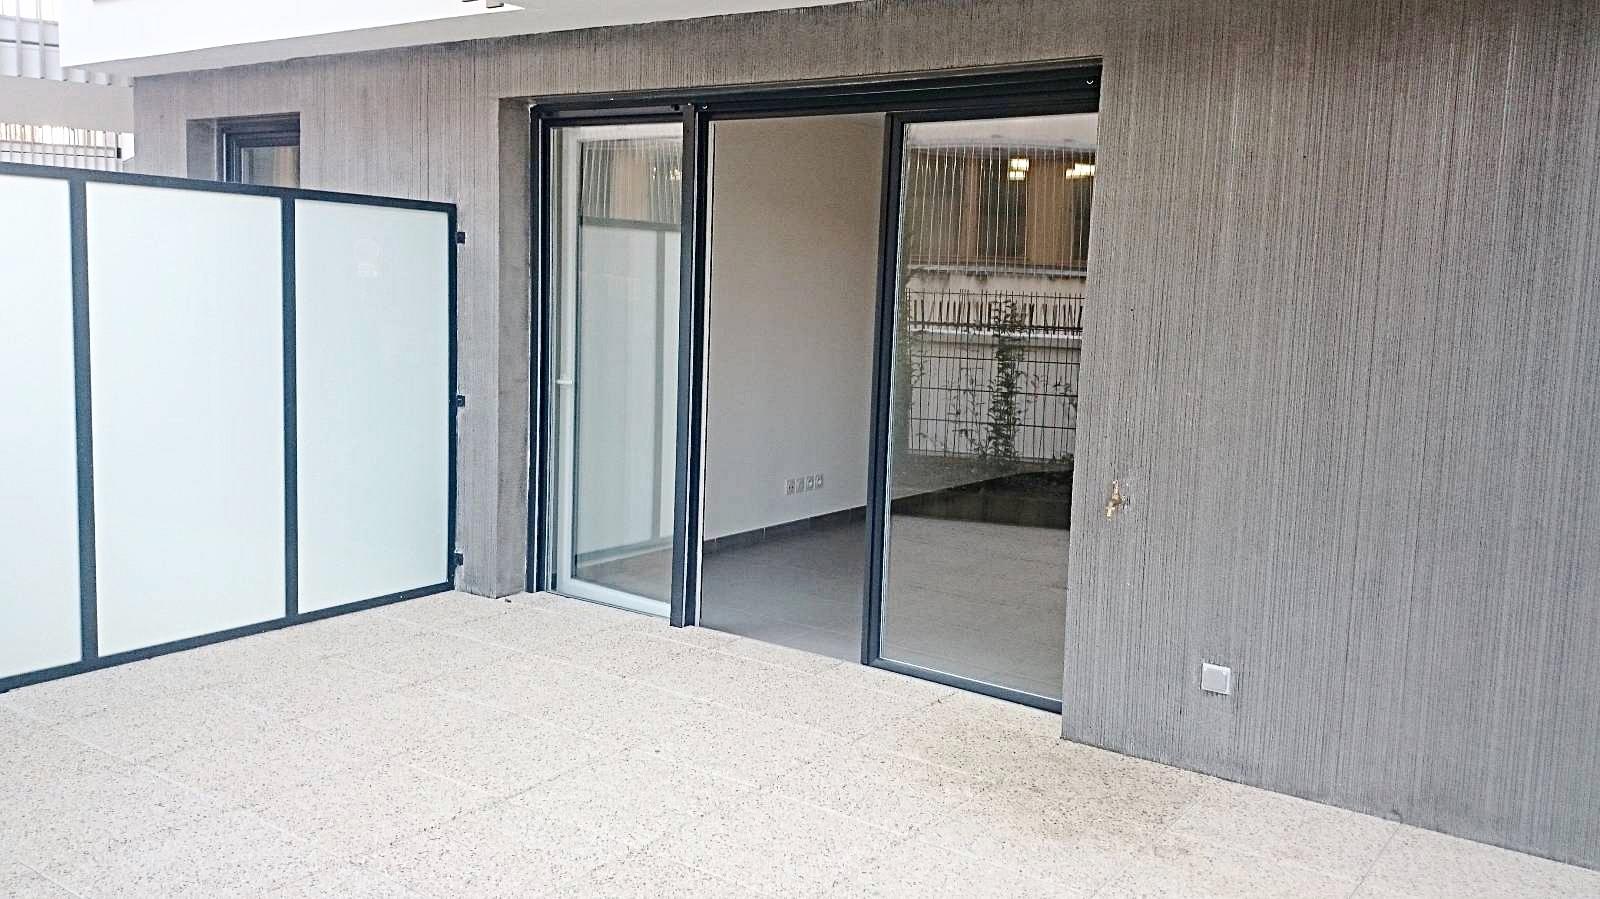 Location Appartement T2 Ecully Rue De Charrière Blanche ... encequiconcerne Location Rez De Jardin Lyon